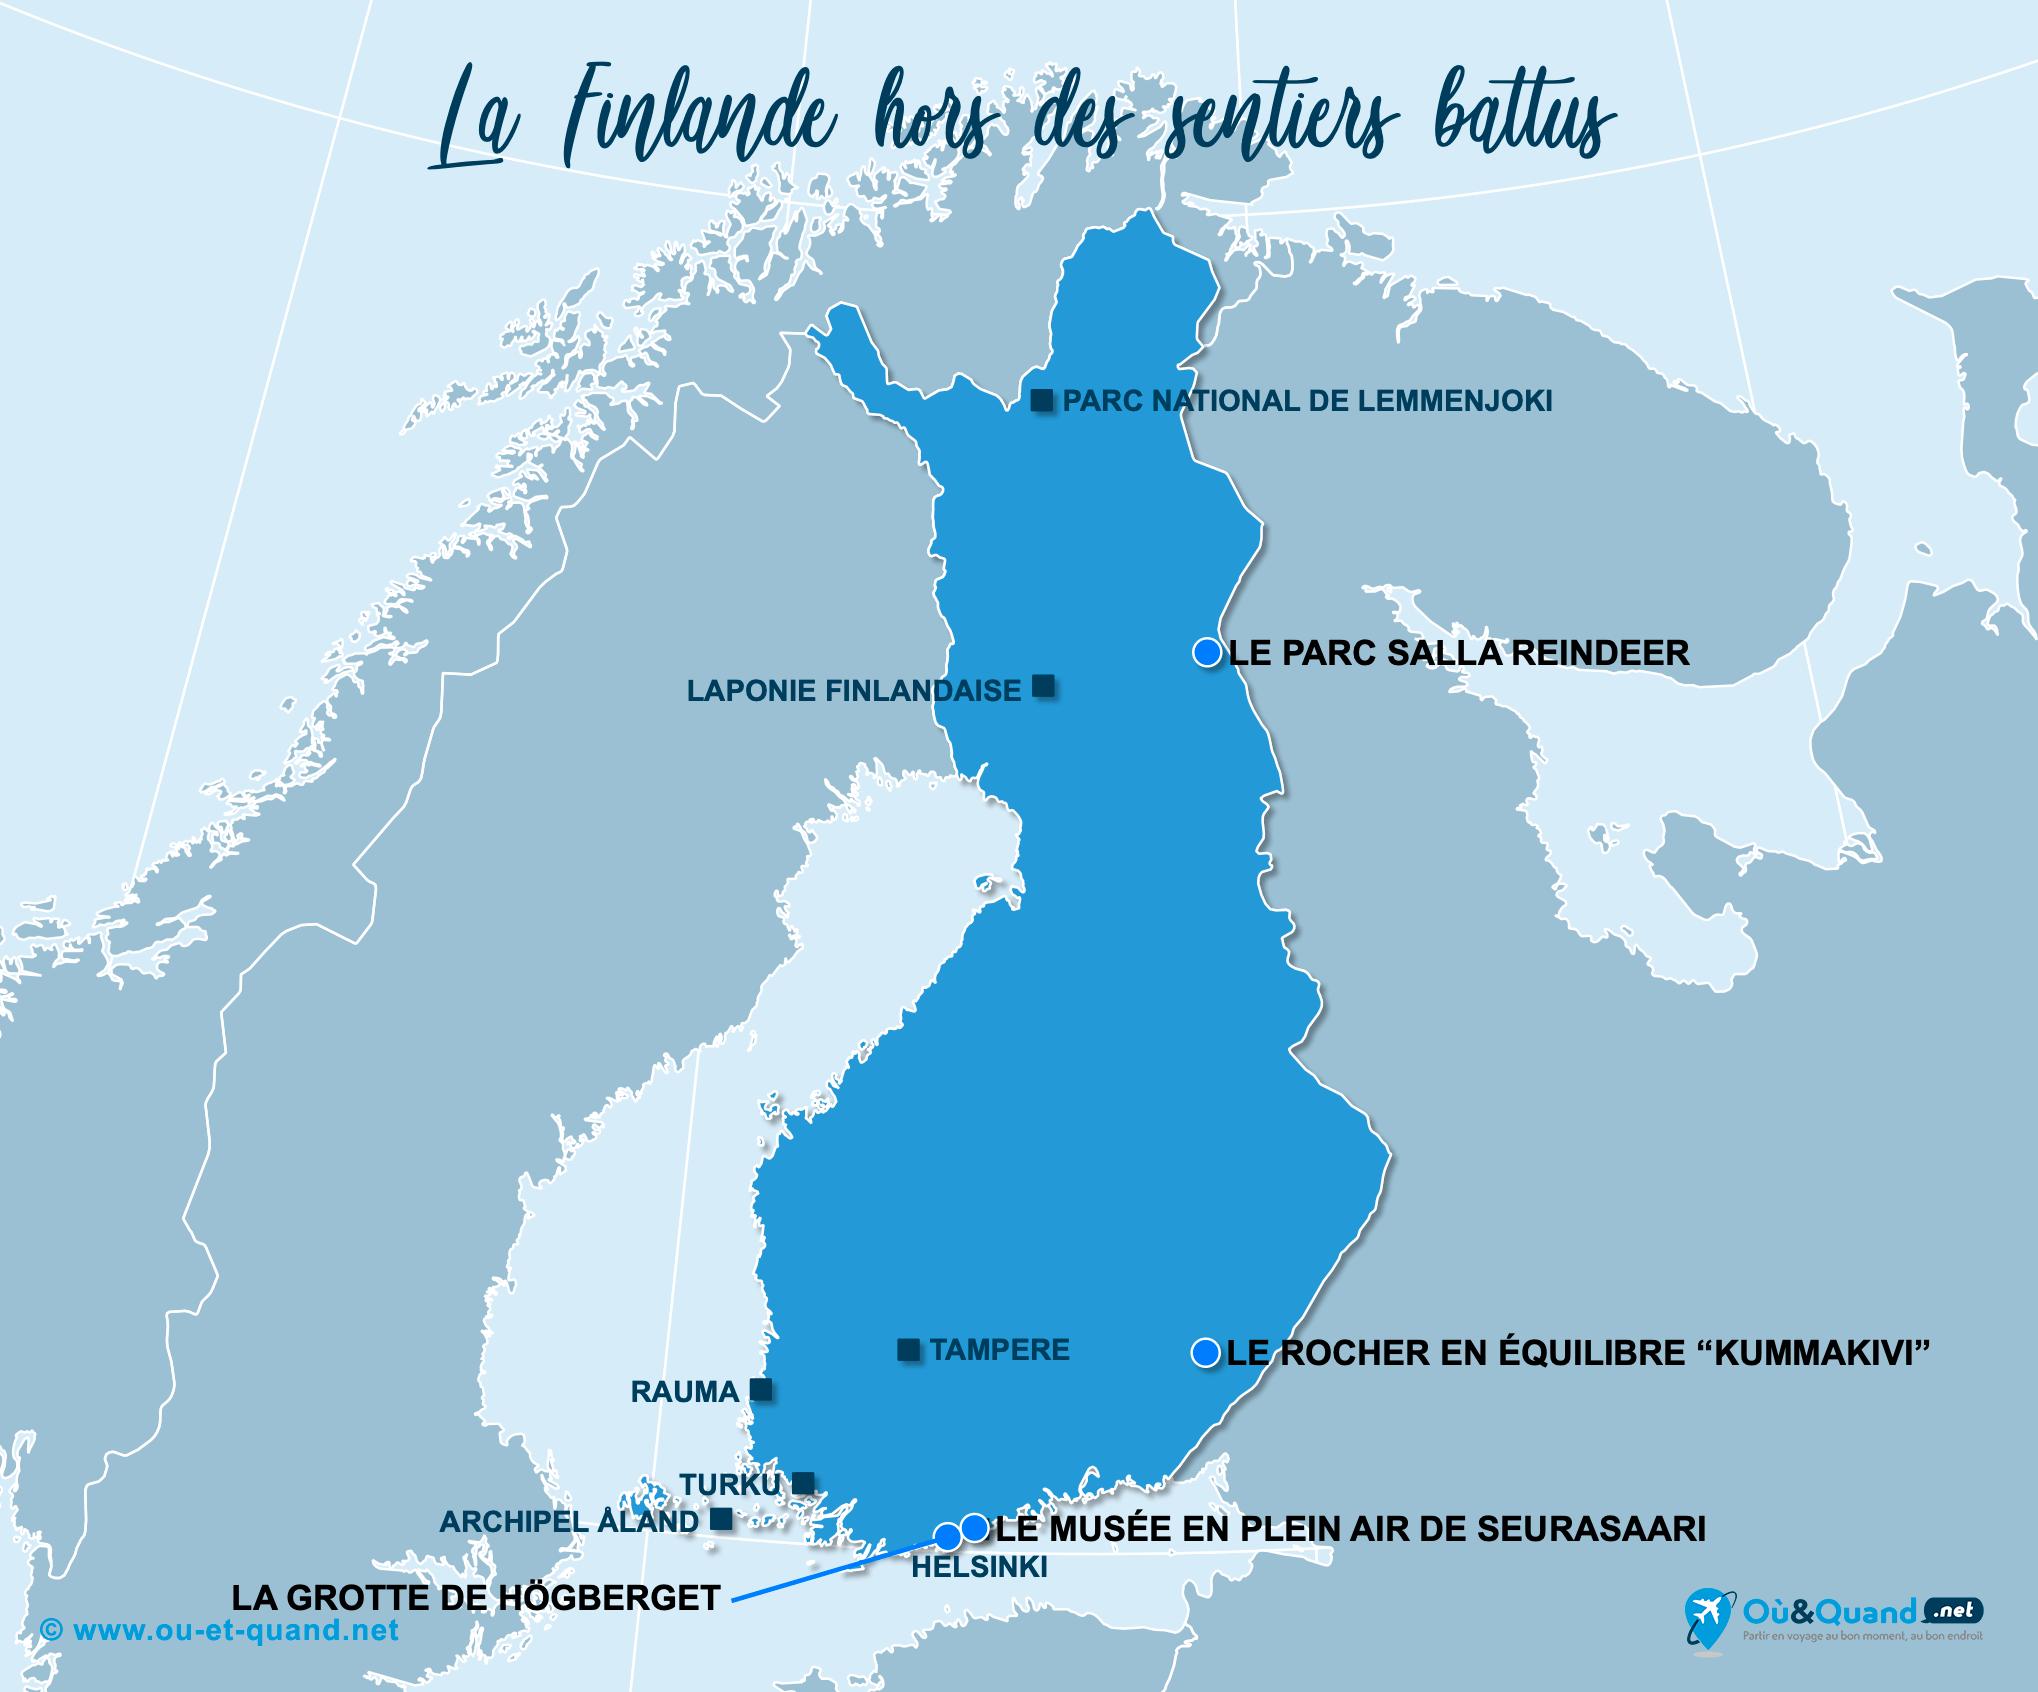 Carte Finlande : La Finlande hors des sentiers battus